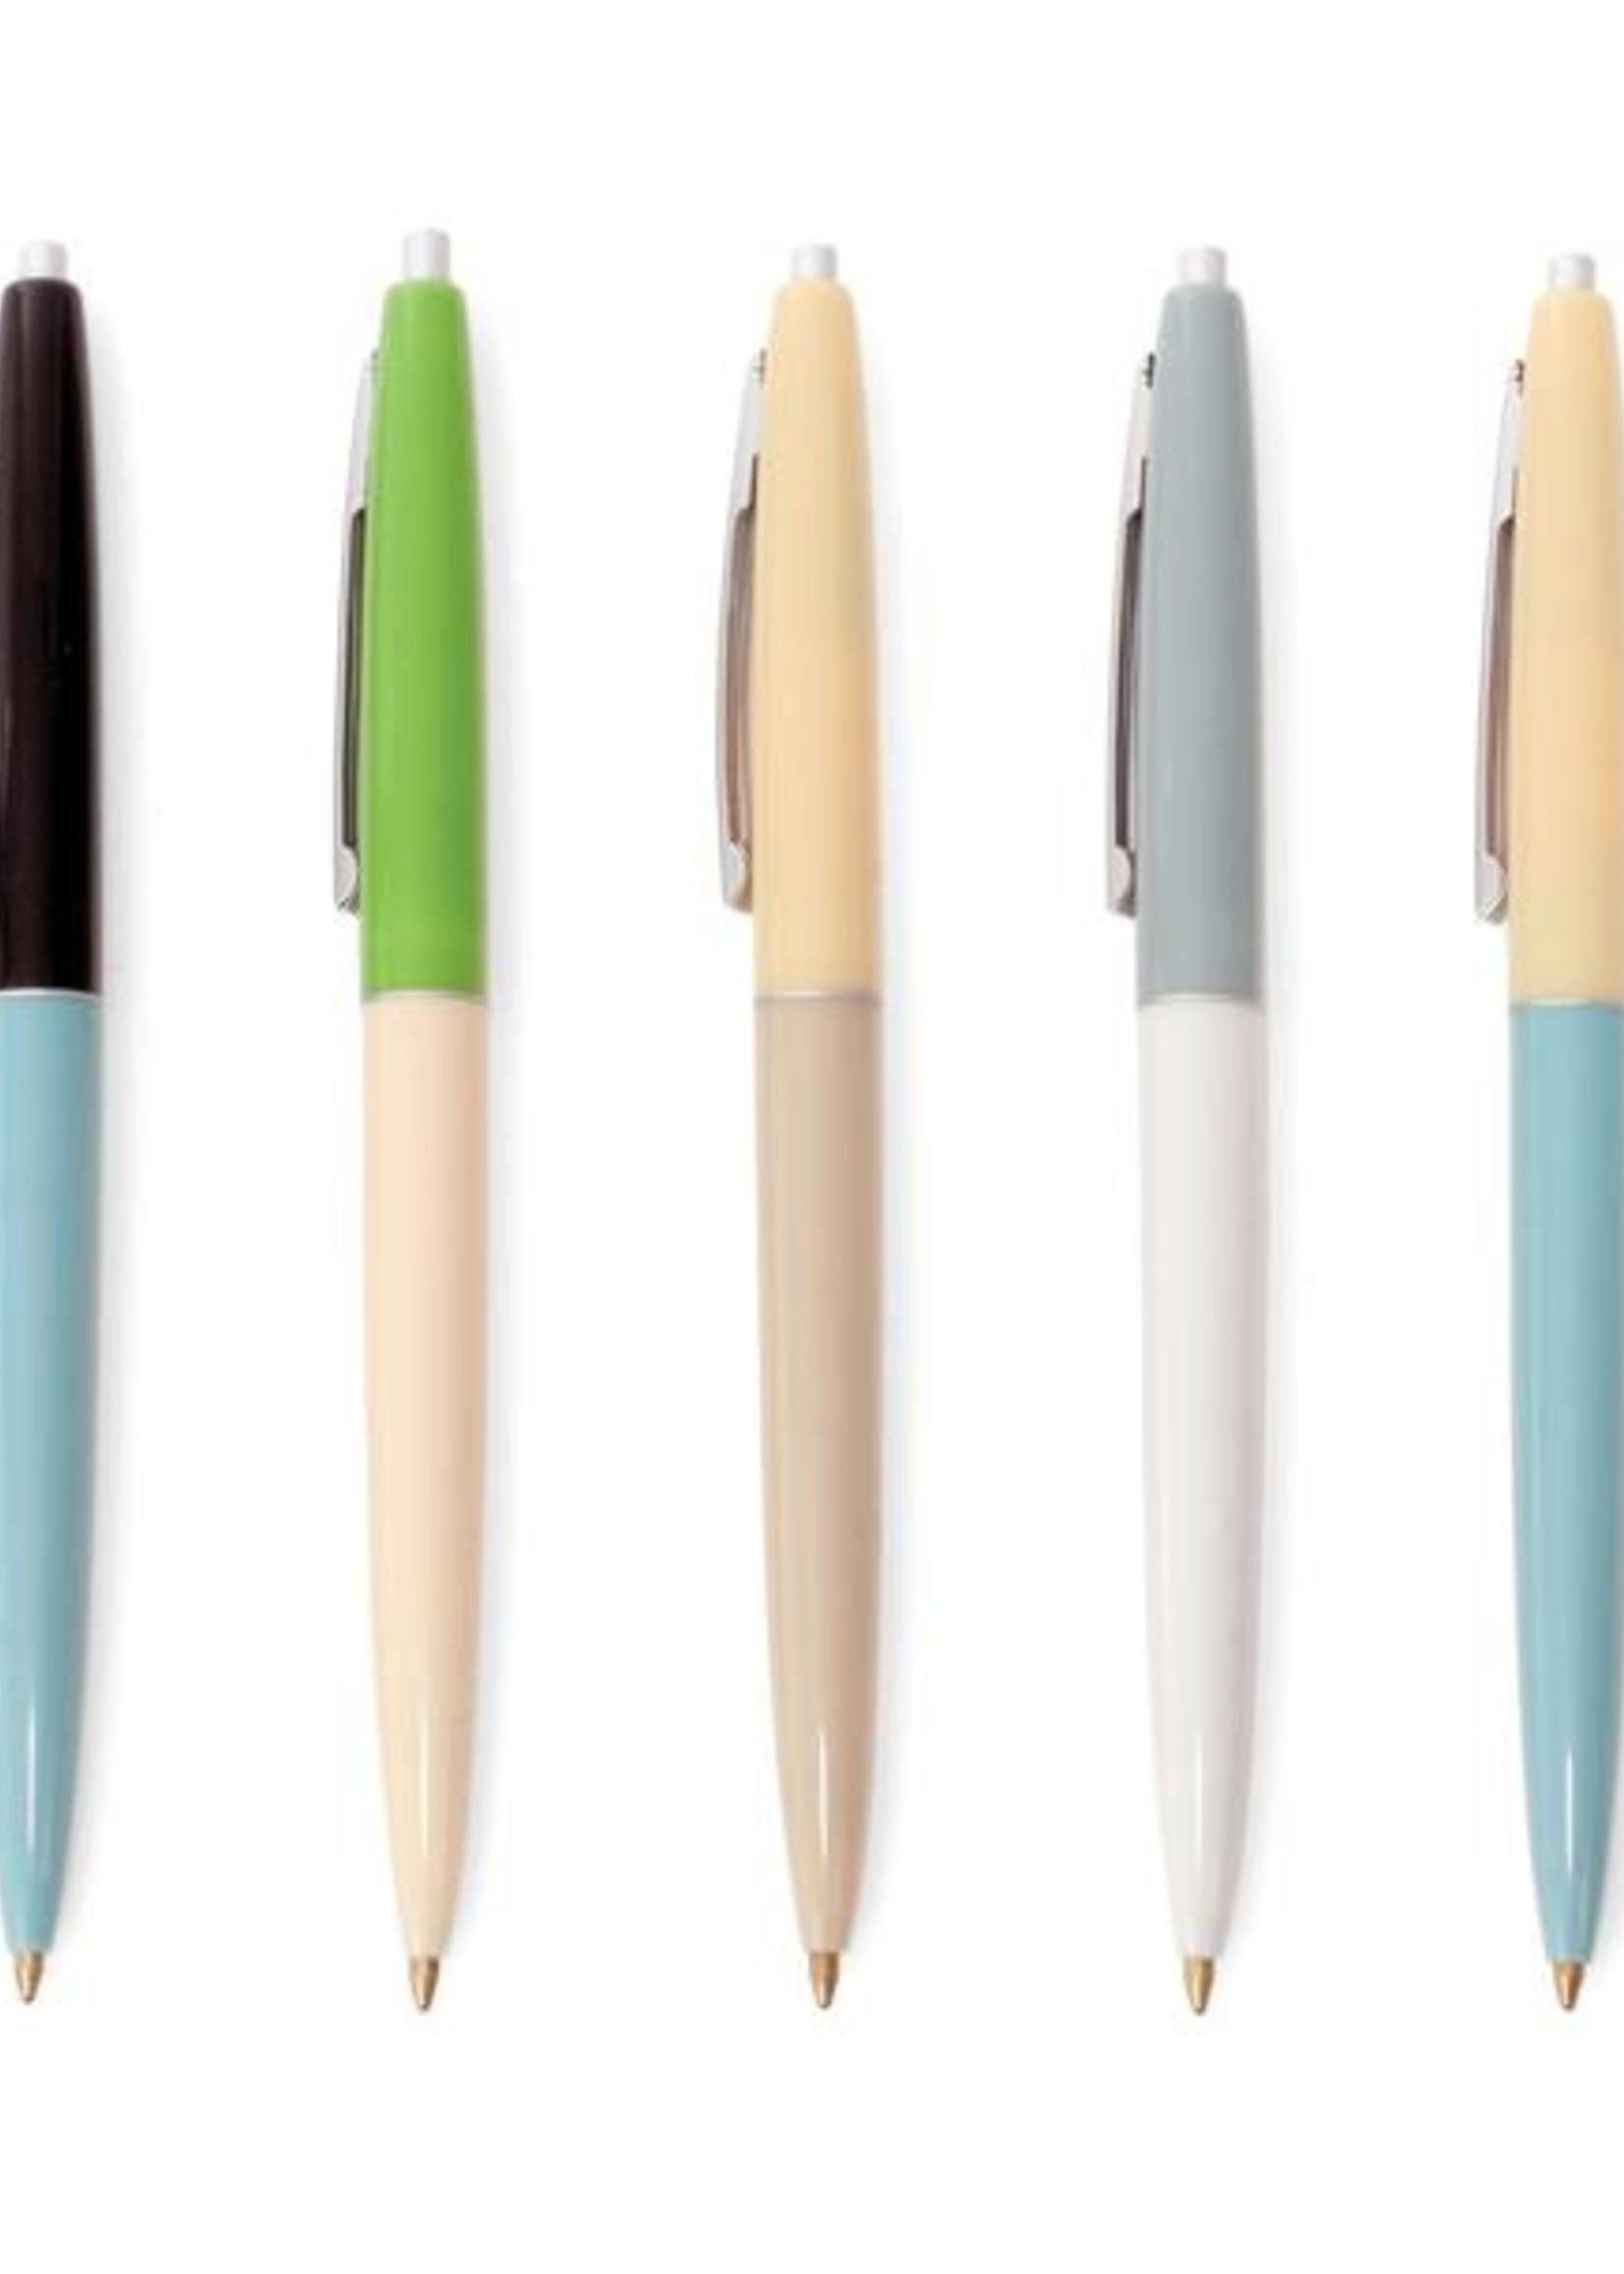 Kikkerland Design Inc Retro Pens S/5